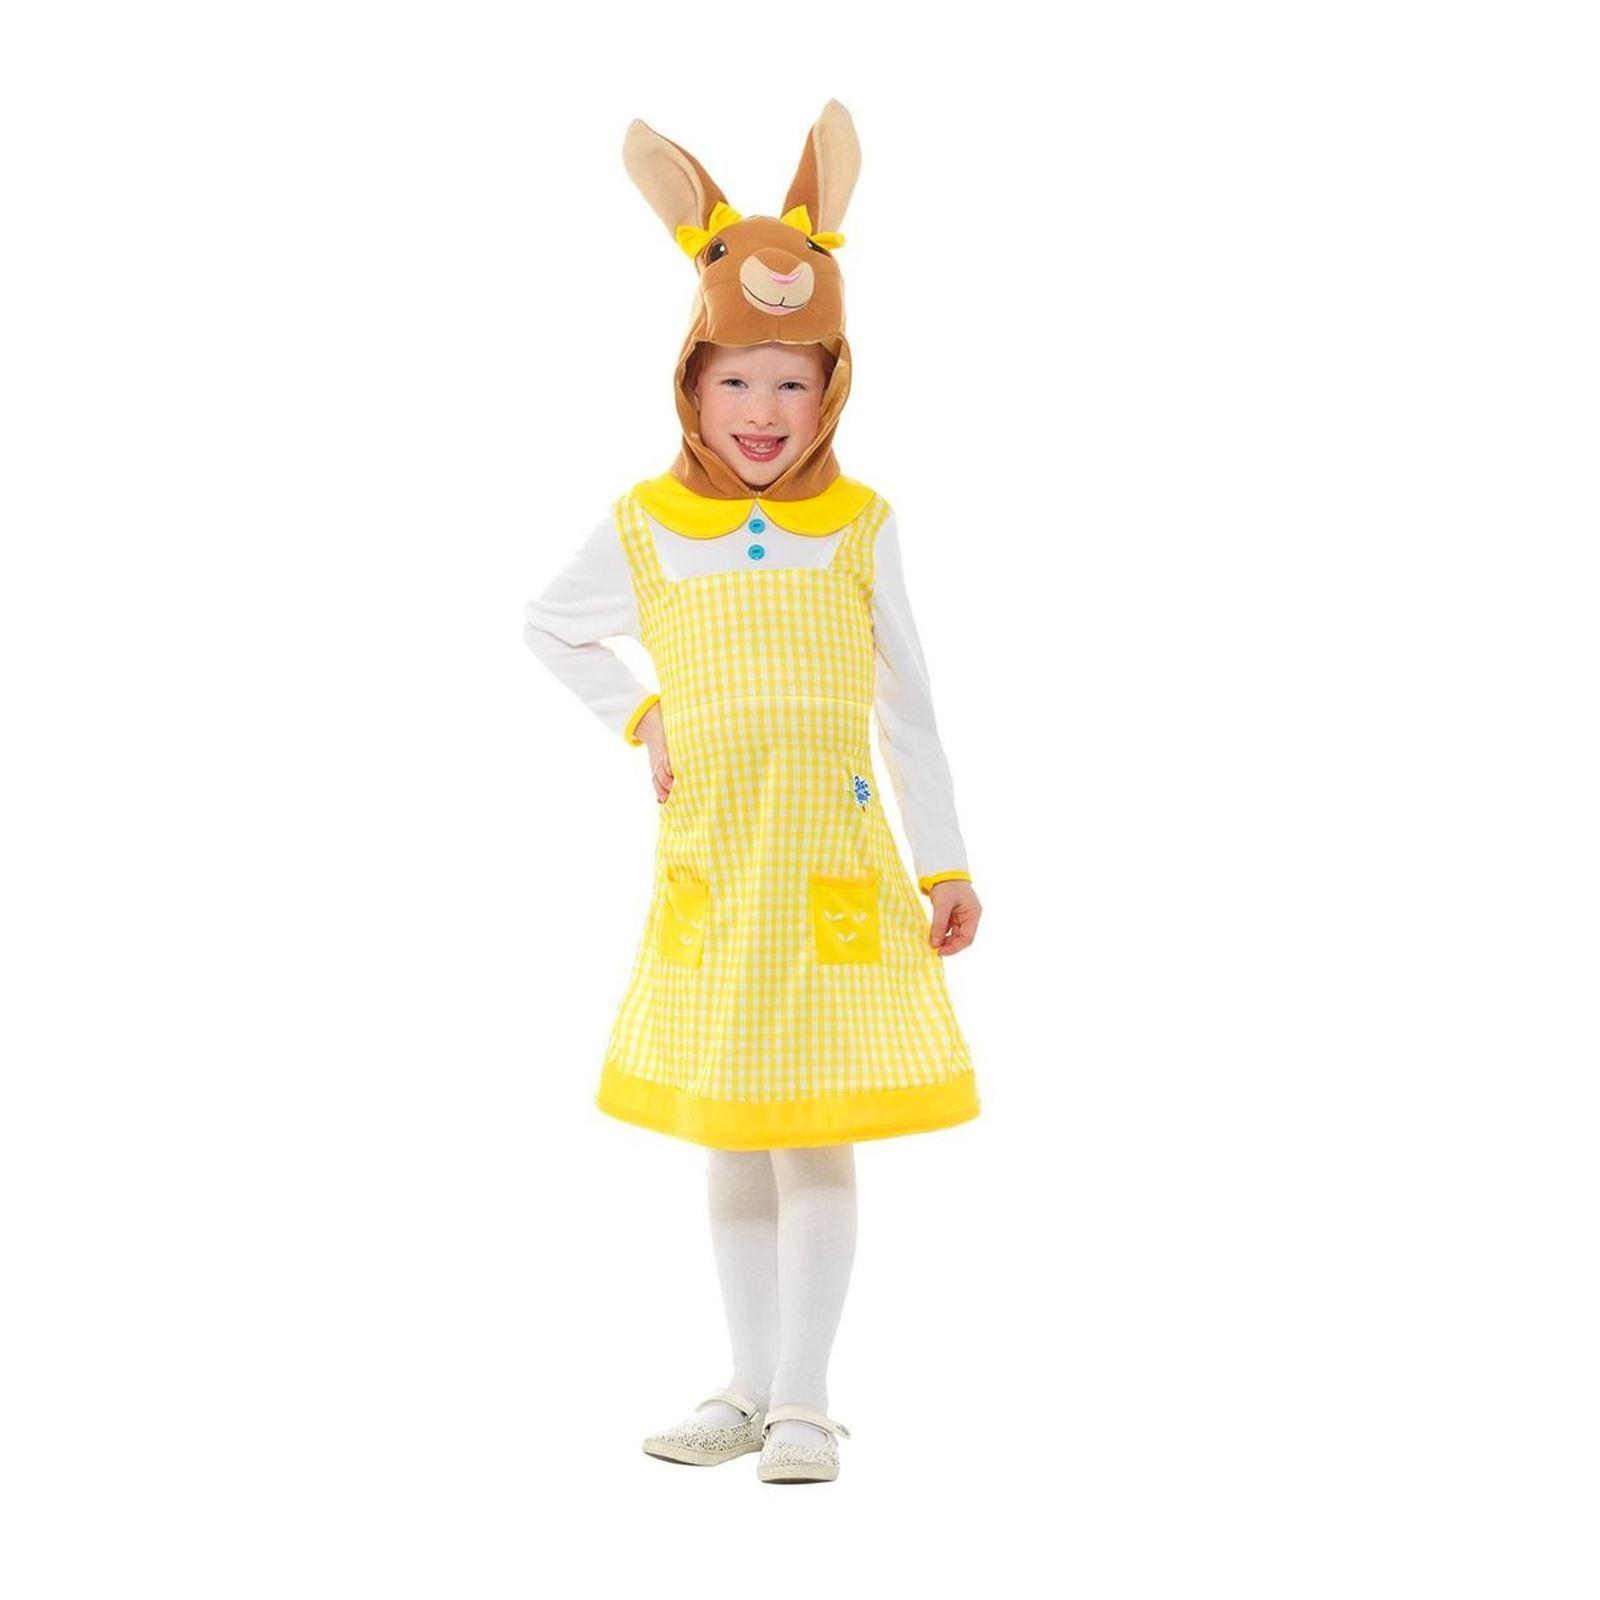 Enfants Monde Semaine Du Livre Livre Day Lapin De P/âques Costume D/éguisement Bleu B/éb/é Adultes